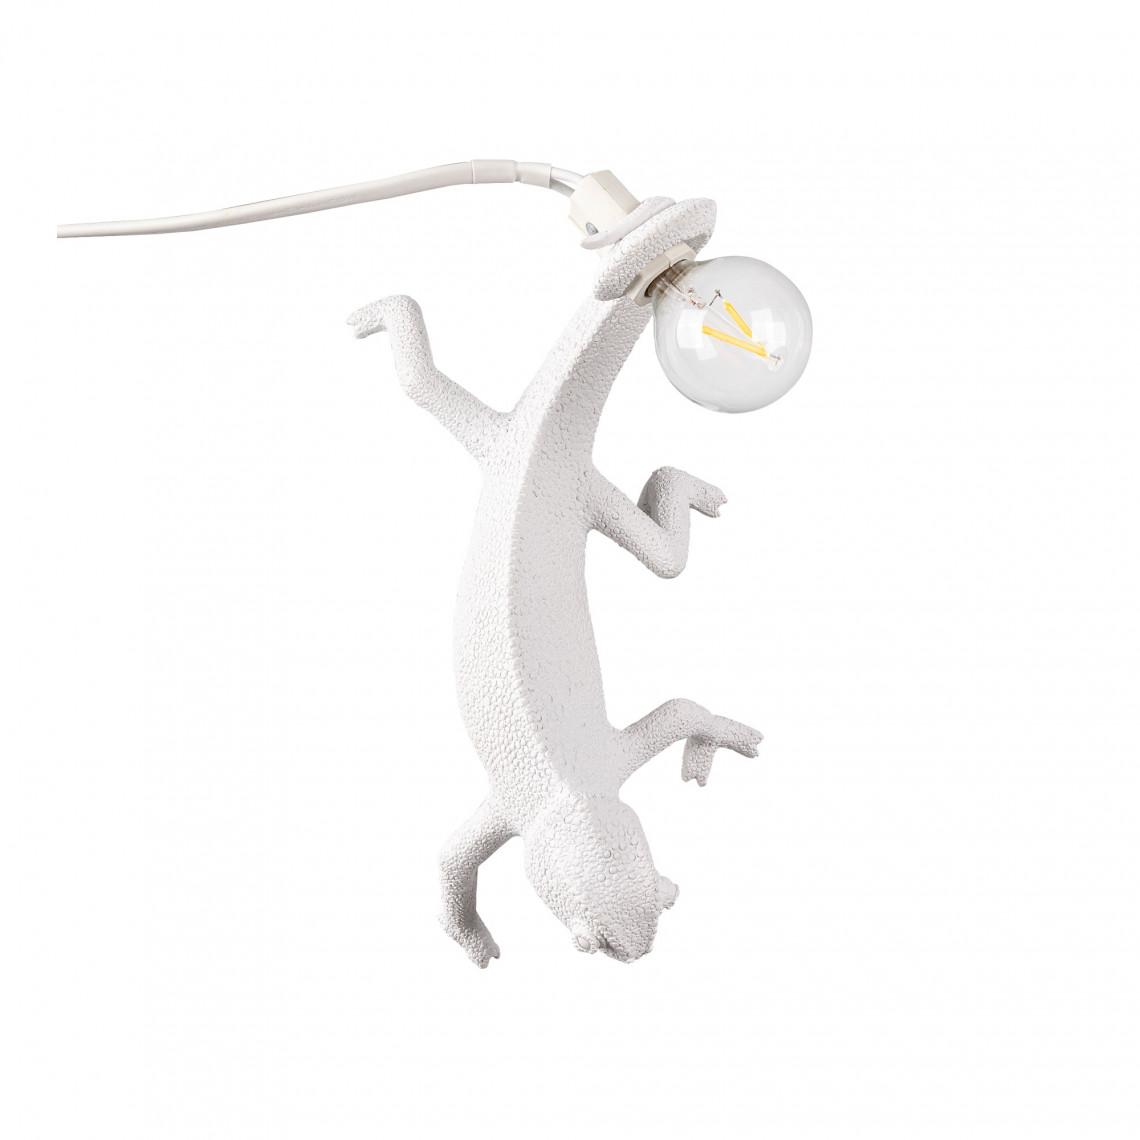 Chameleon Lamp - Going Down